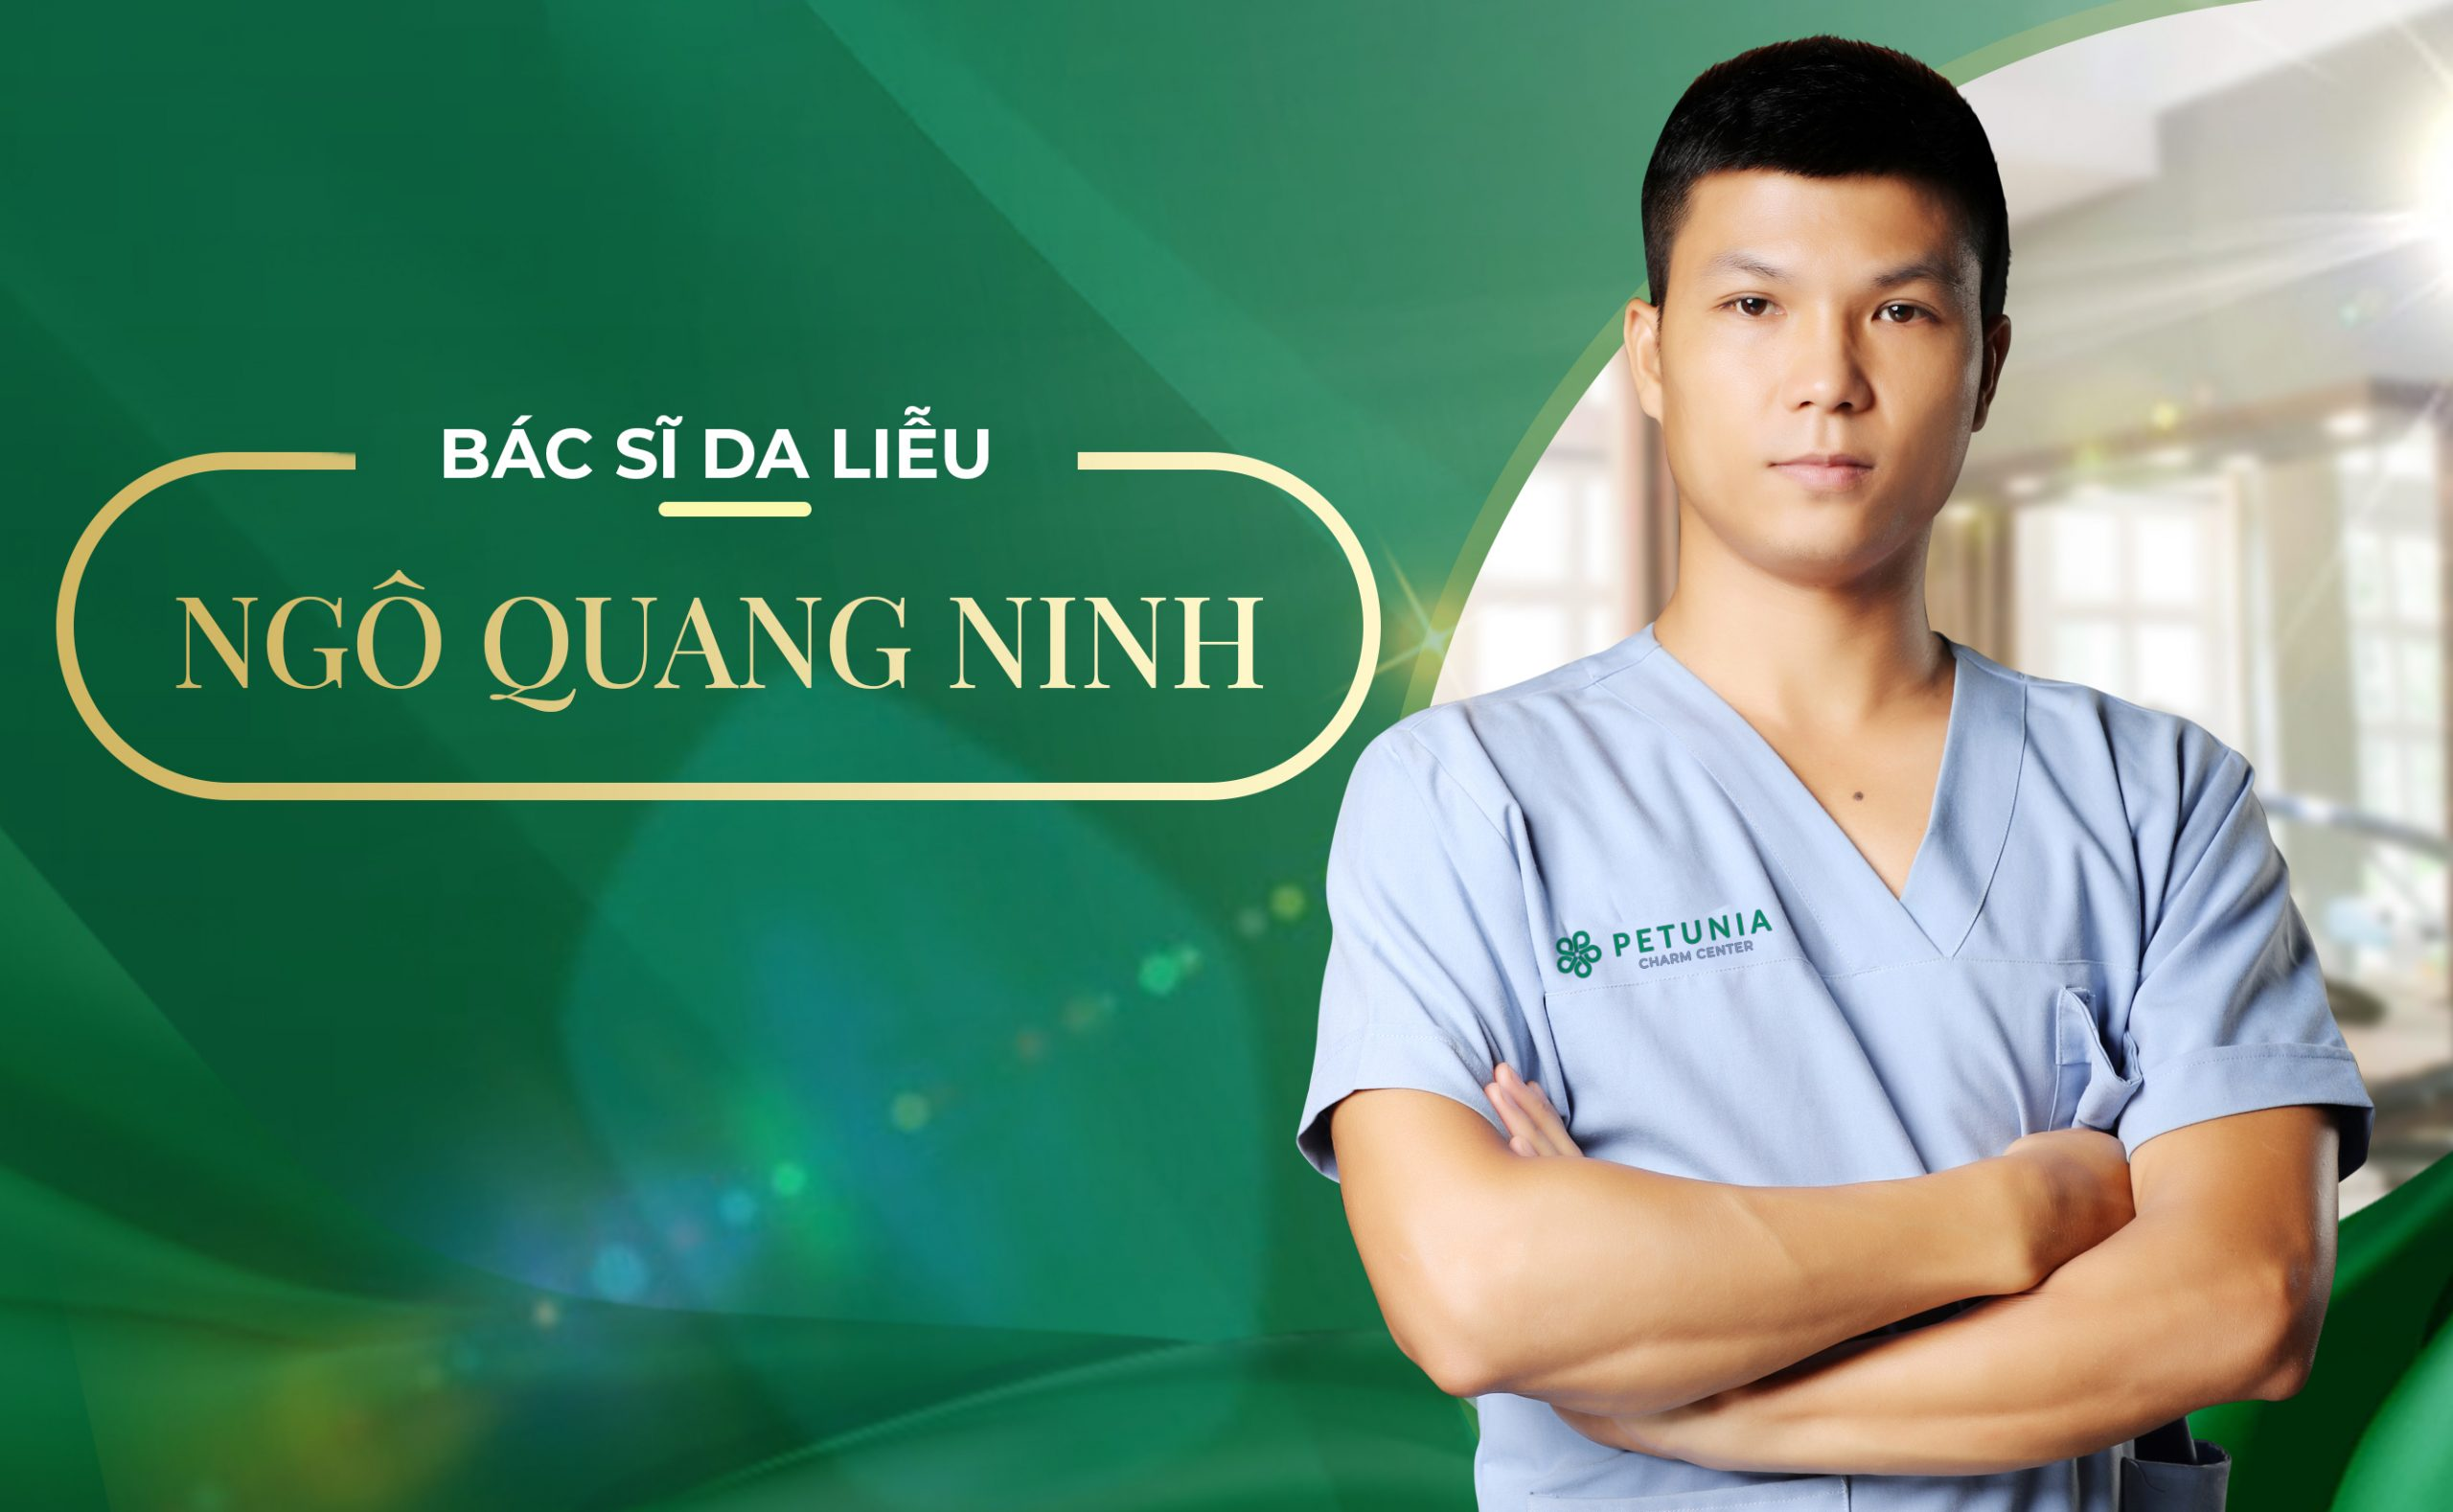 Chuyên gia da liễu Ngô Quang Ninh